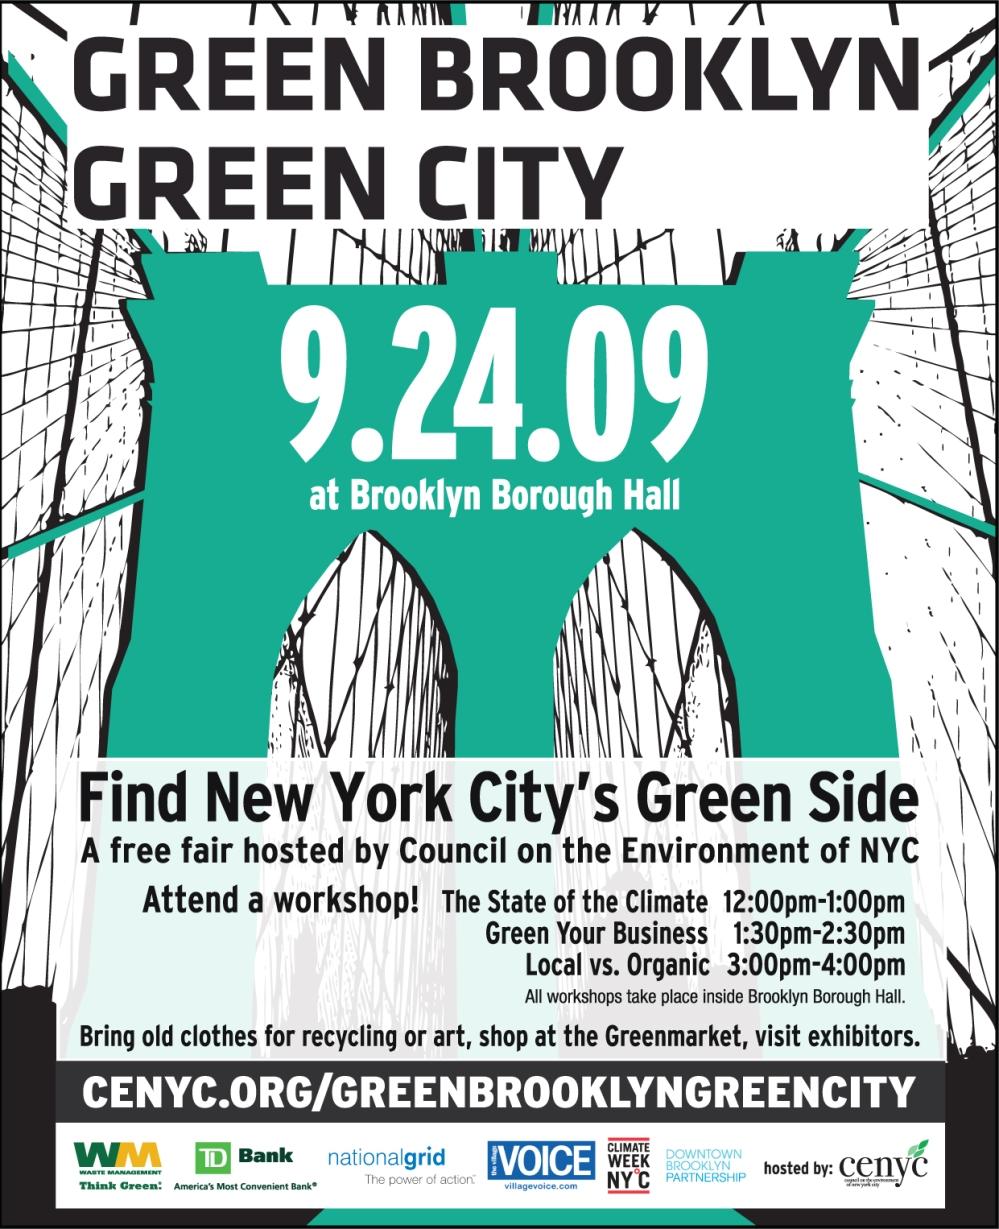 GreenBrooklynGreeNYC0909_4s